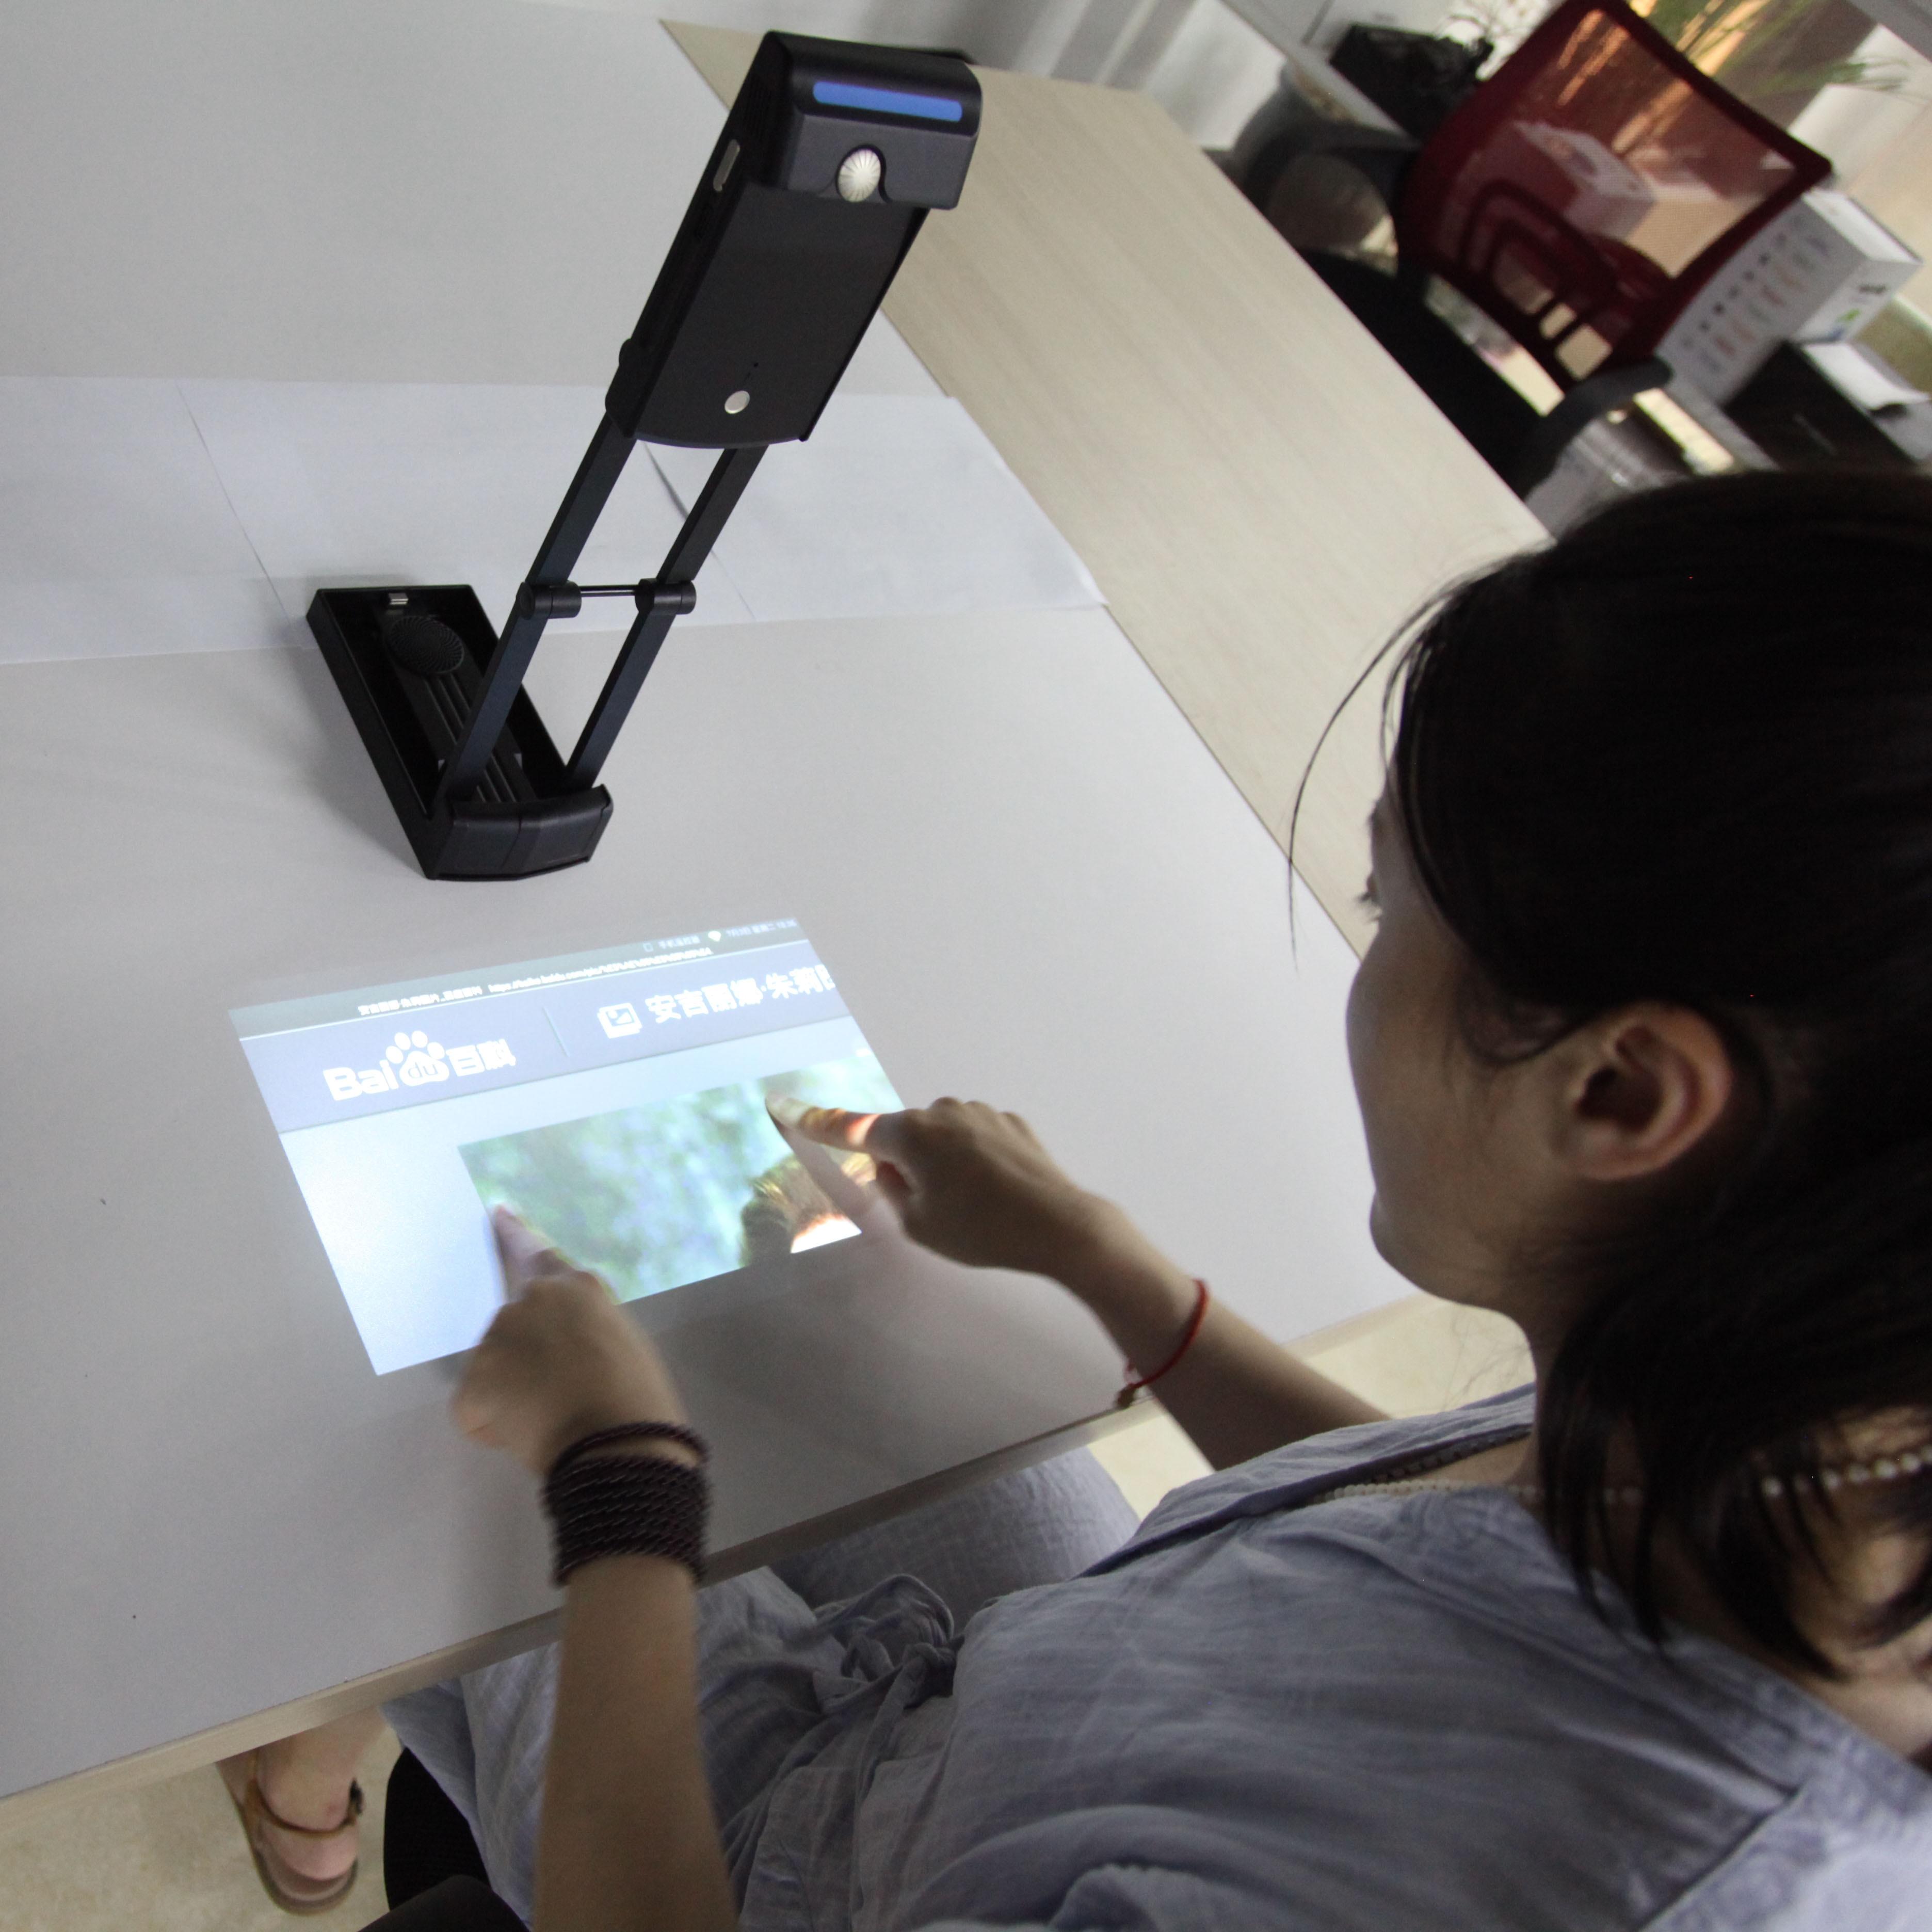 جهاز عرض متعدد الوسائط واي فاي تفاعلي محمول, تقنية معايرة الصور بالليزر